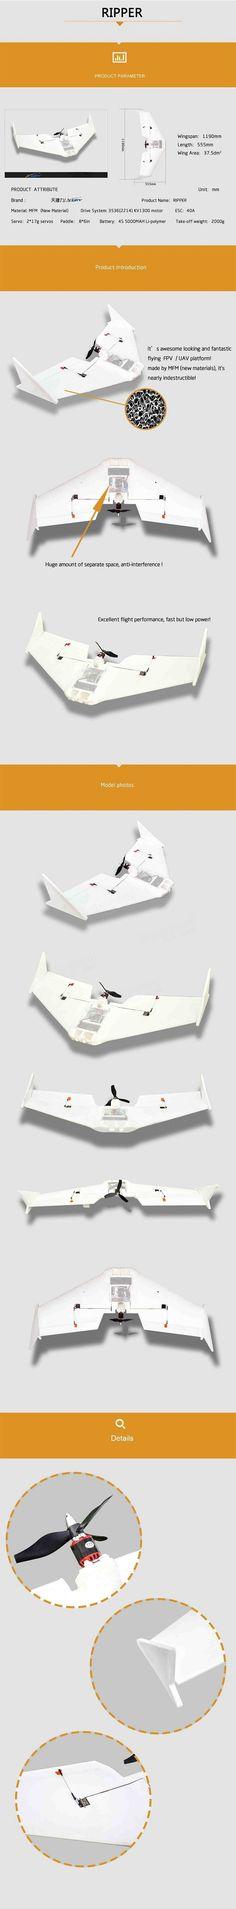 X-uav Ripper 1190mm Wingspan MFM FPV RC Plane Aircraft Kit Sale - Banggood.com